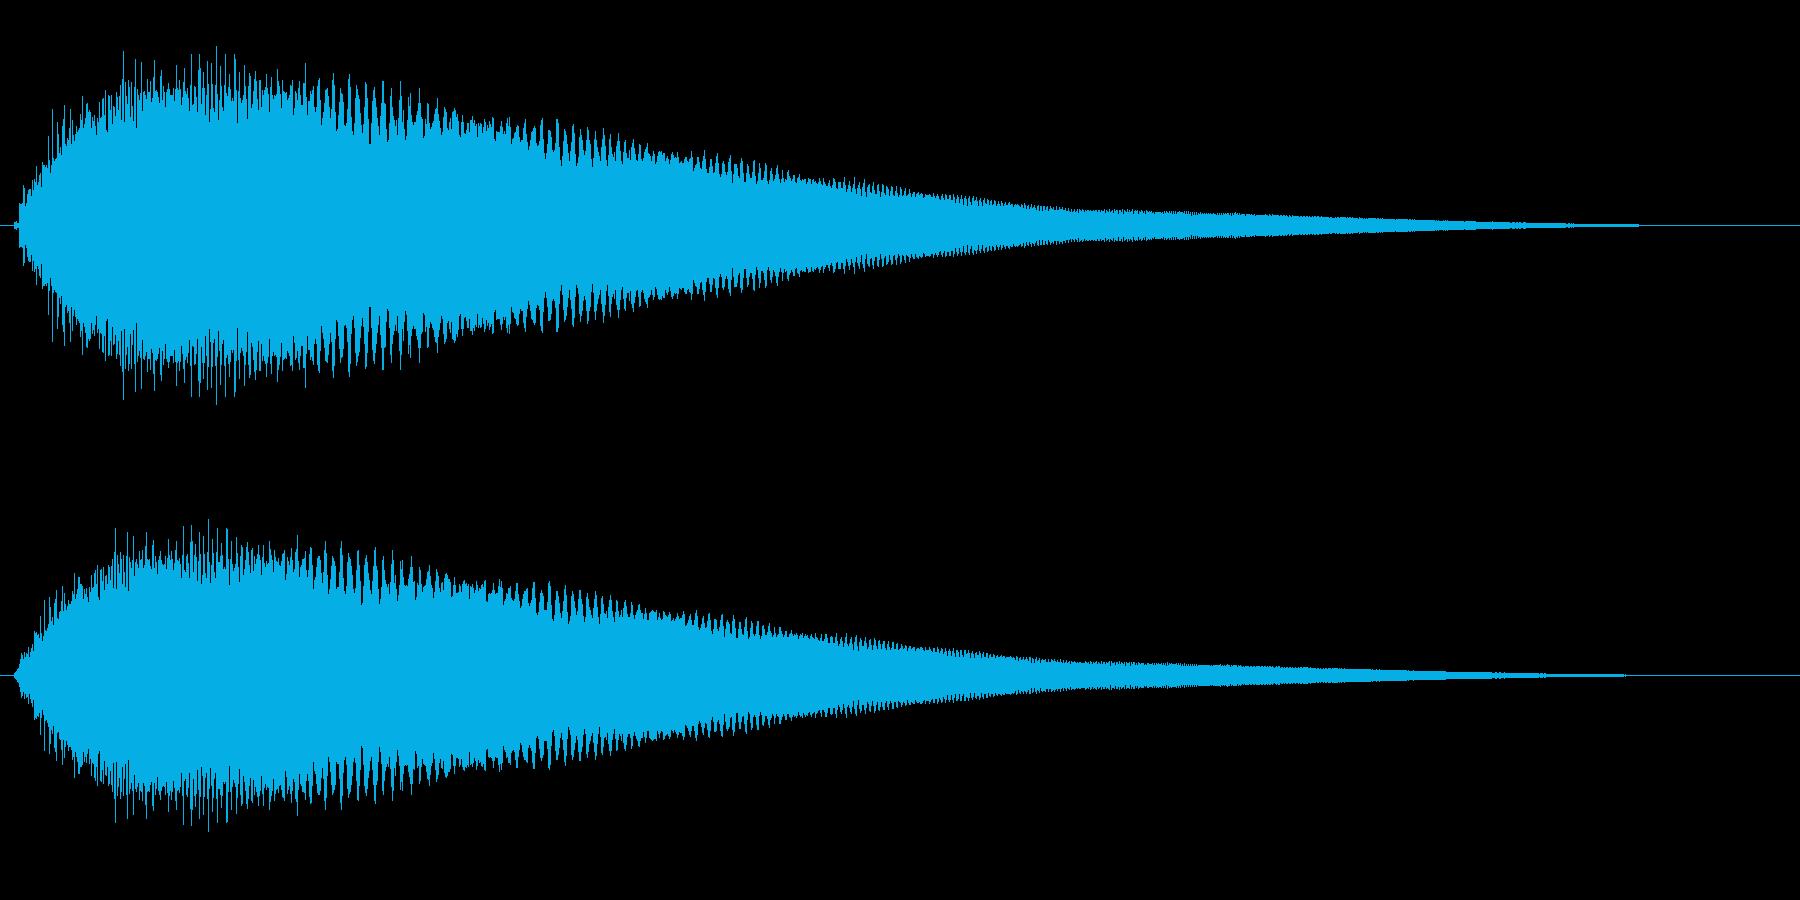 キュオーン(ワープ効果または警告音)の再生済みの波形